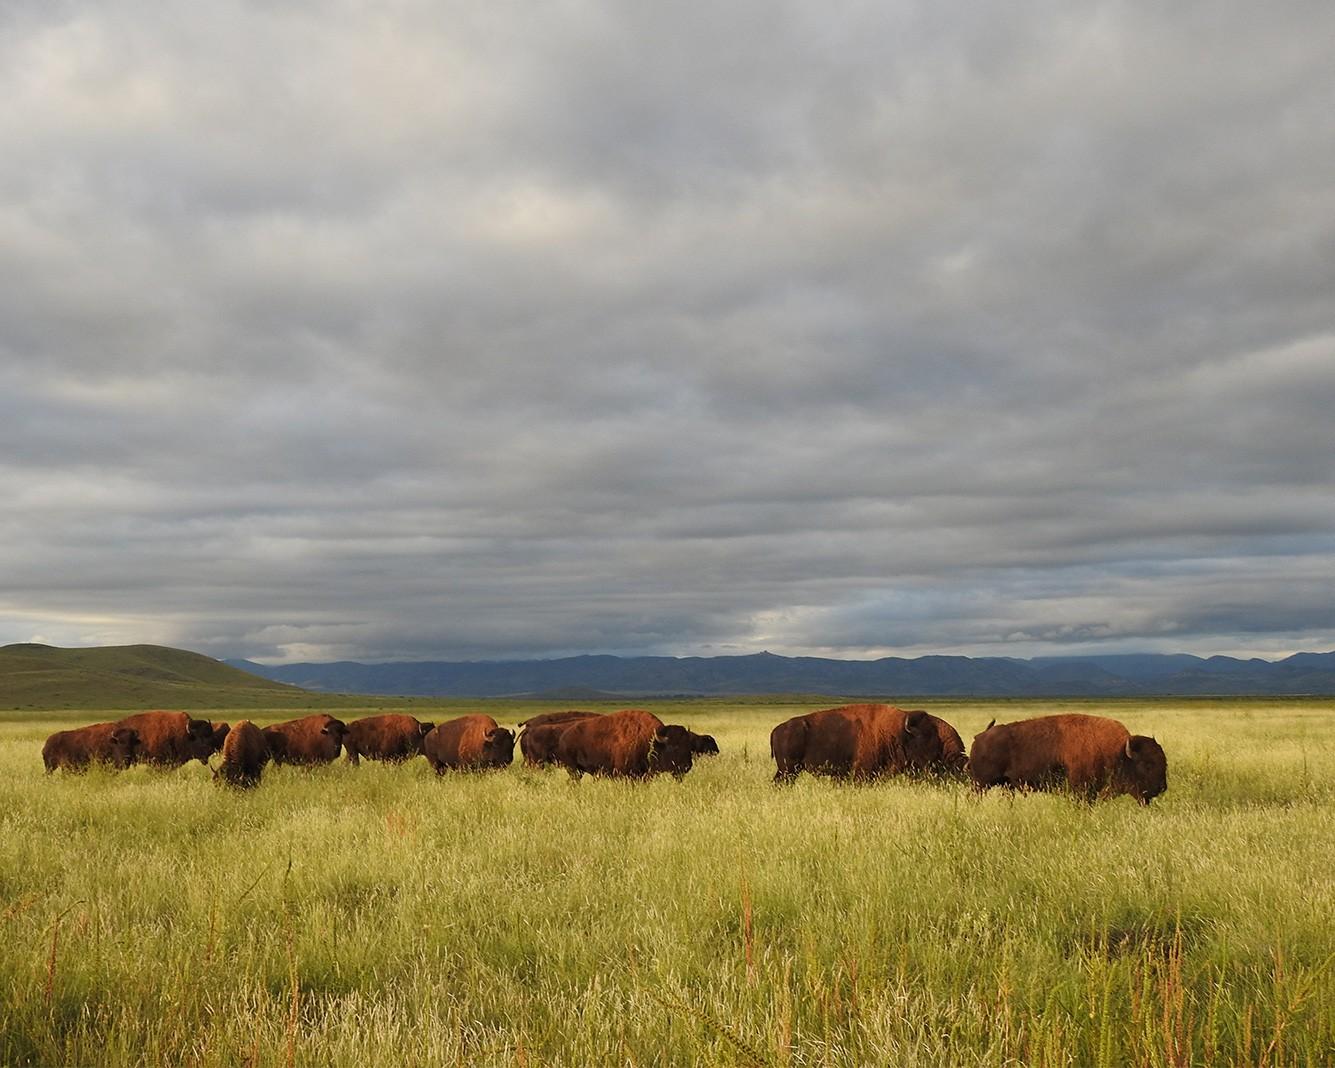 Bisonte en Rancho El Uno, Chihuahua. © Lorenzo J. De Rosenzweig